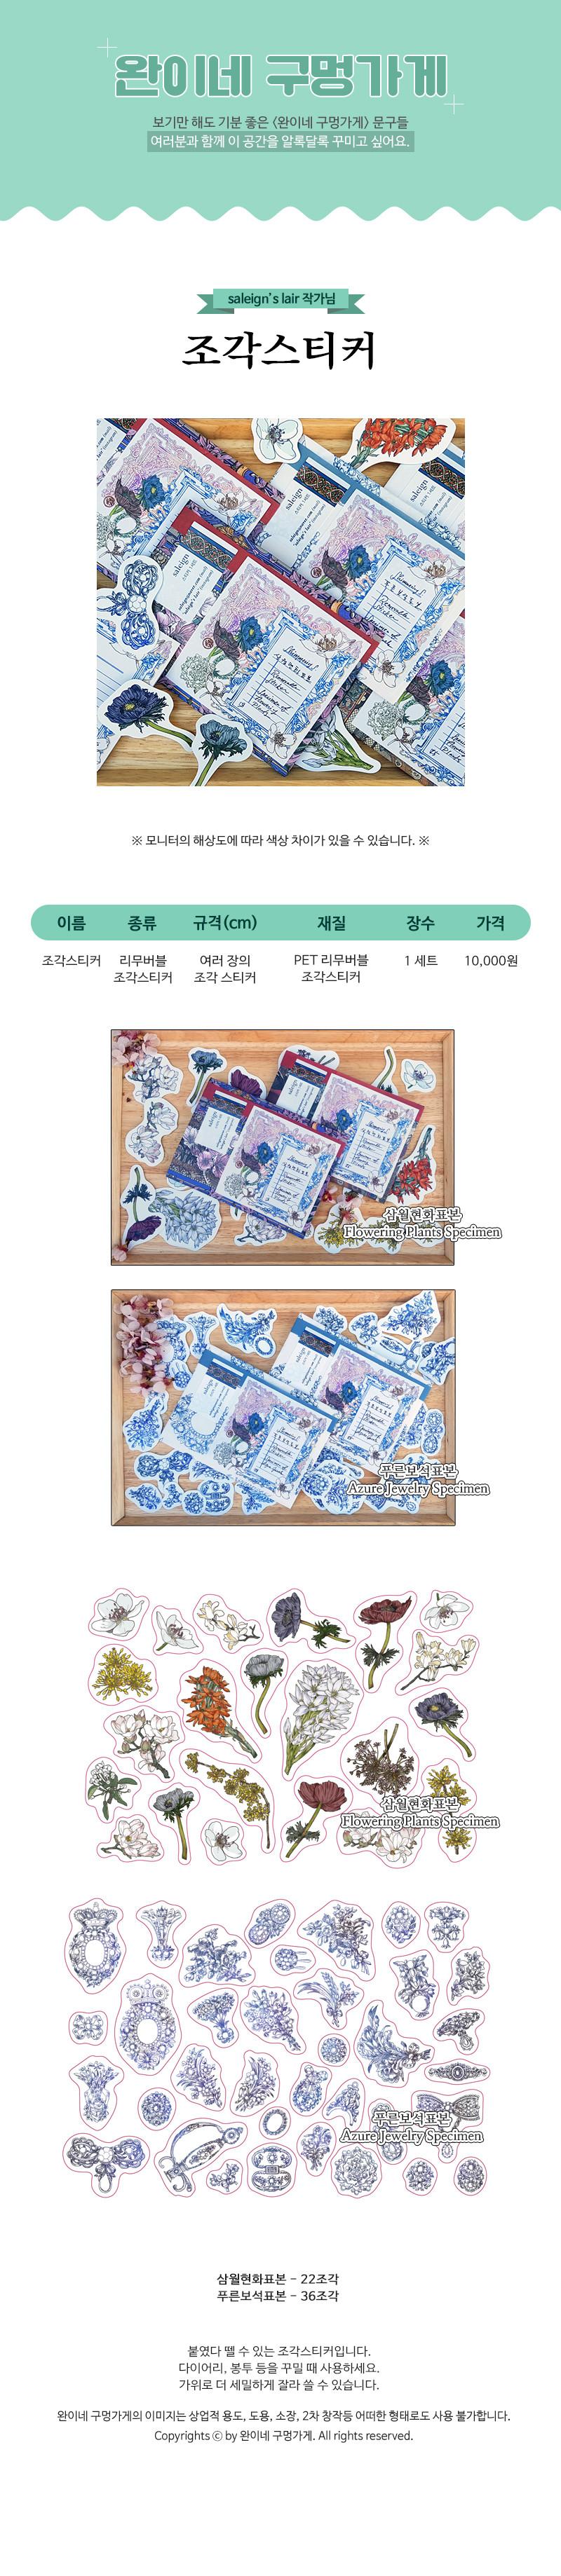 sticker757